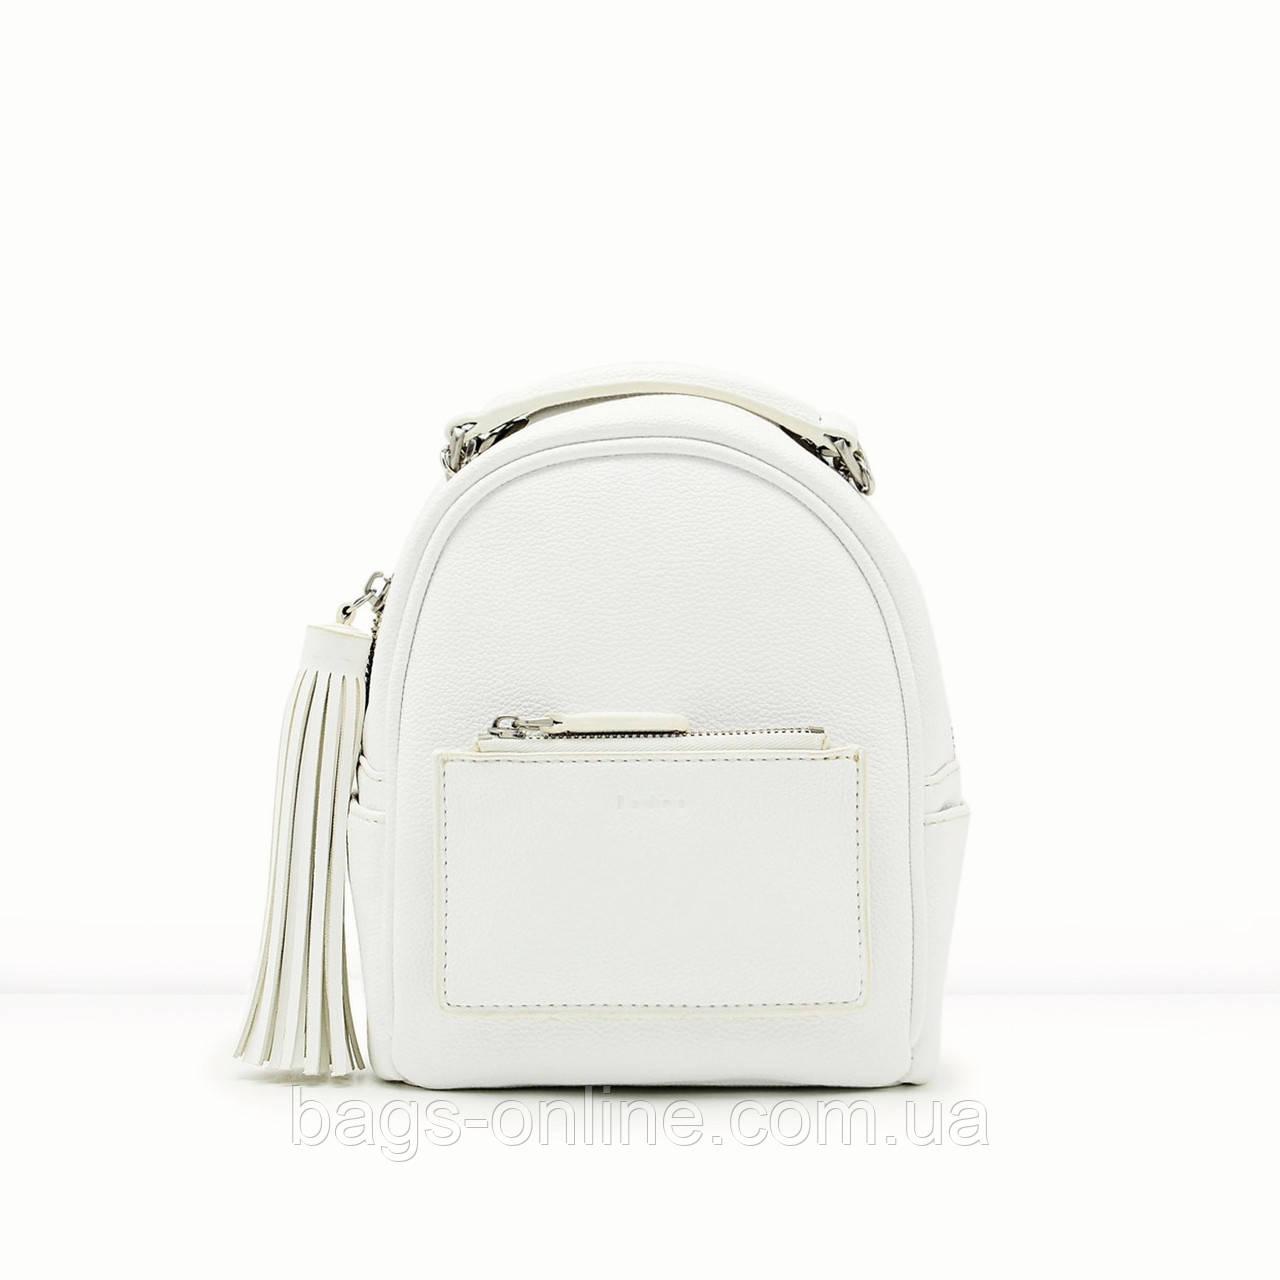 64c8a0398e233e Миниатюрный стильный женский рюкзак: продажа, цена в Киеве. рюкзаки ...